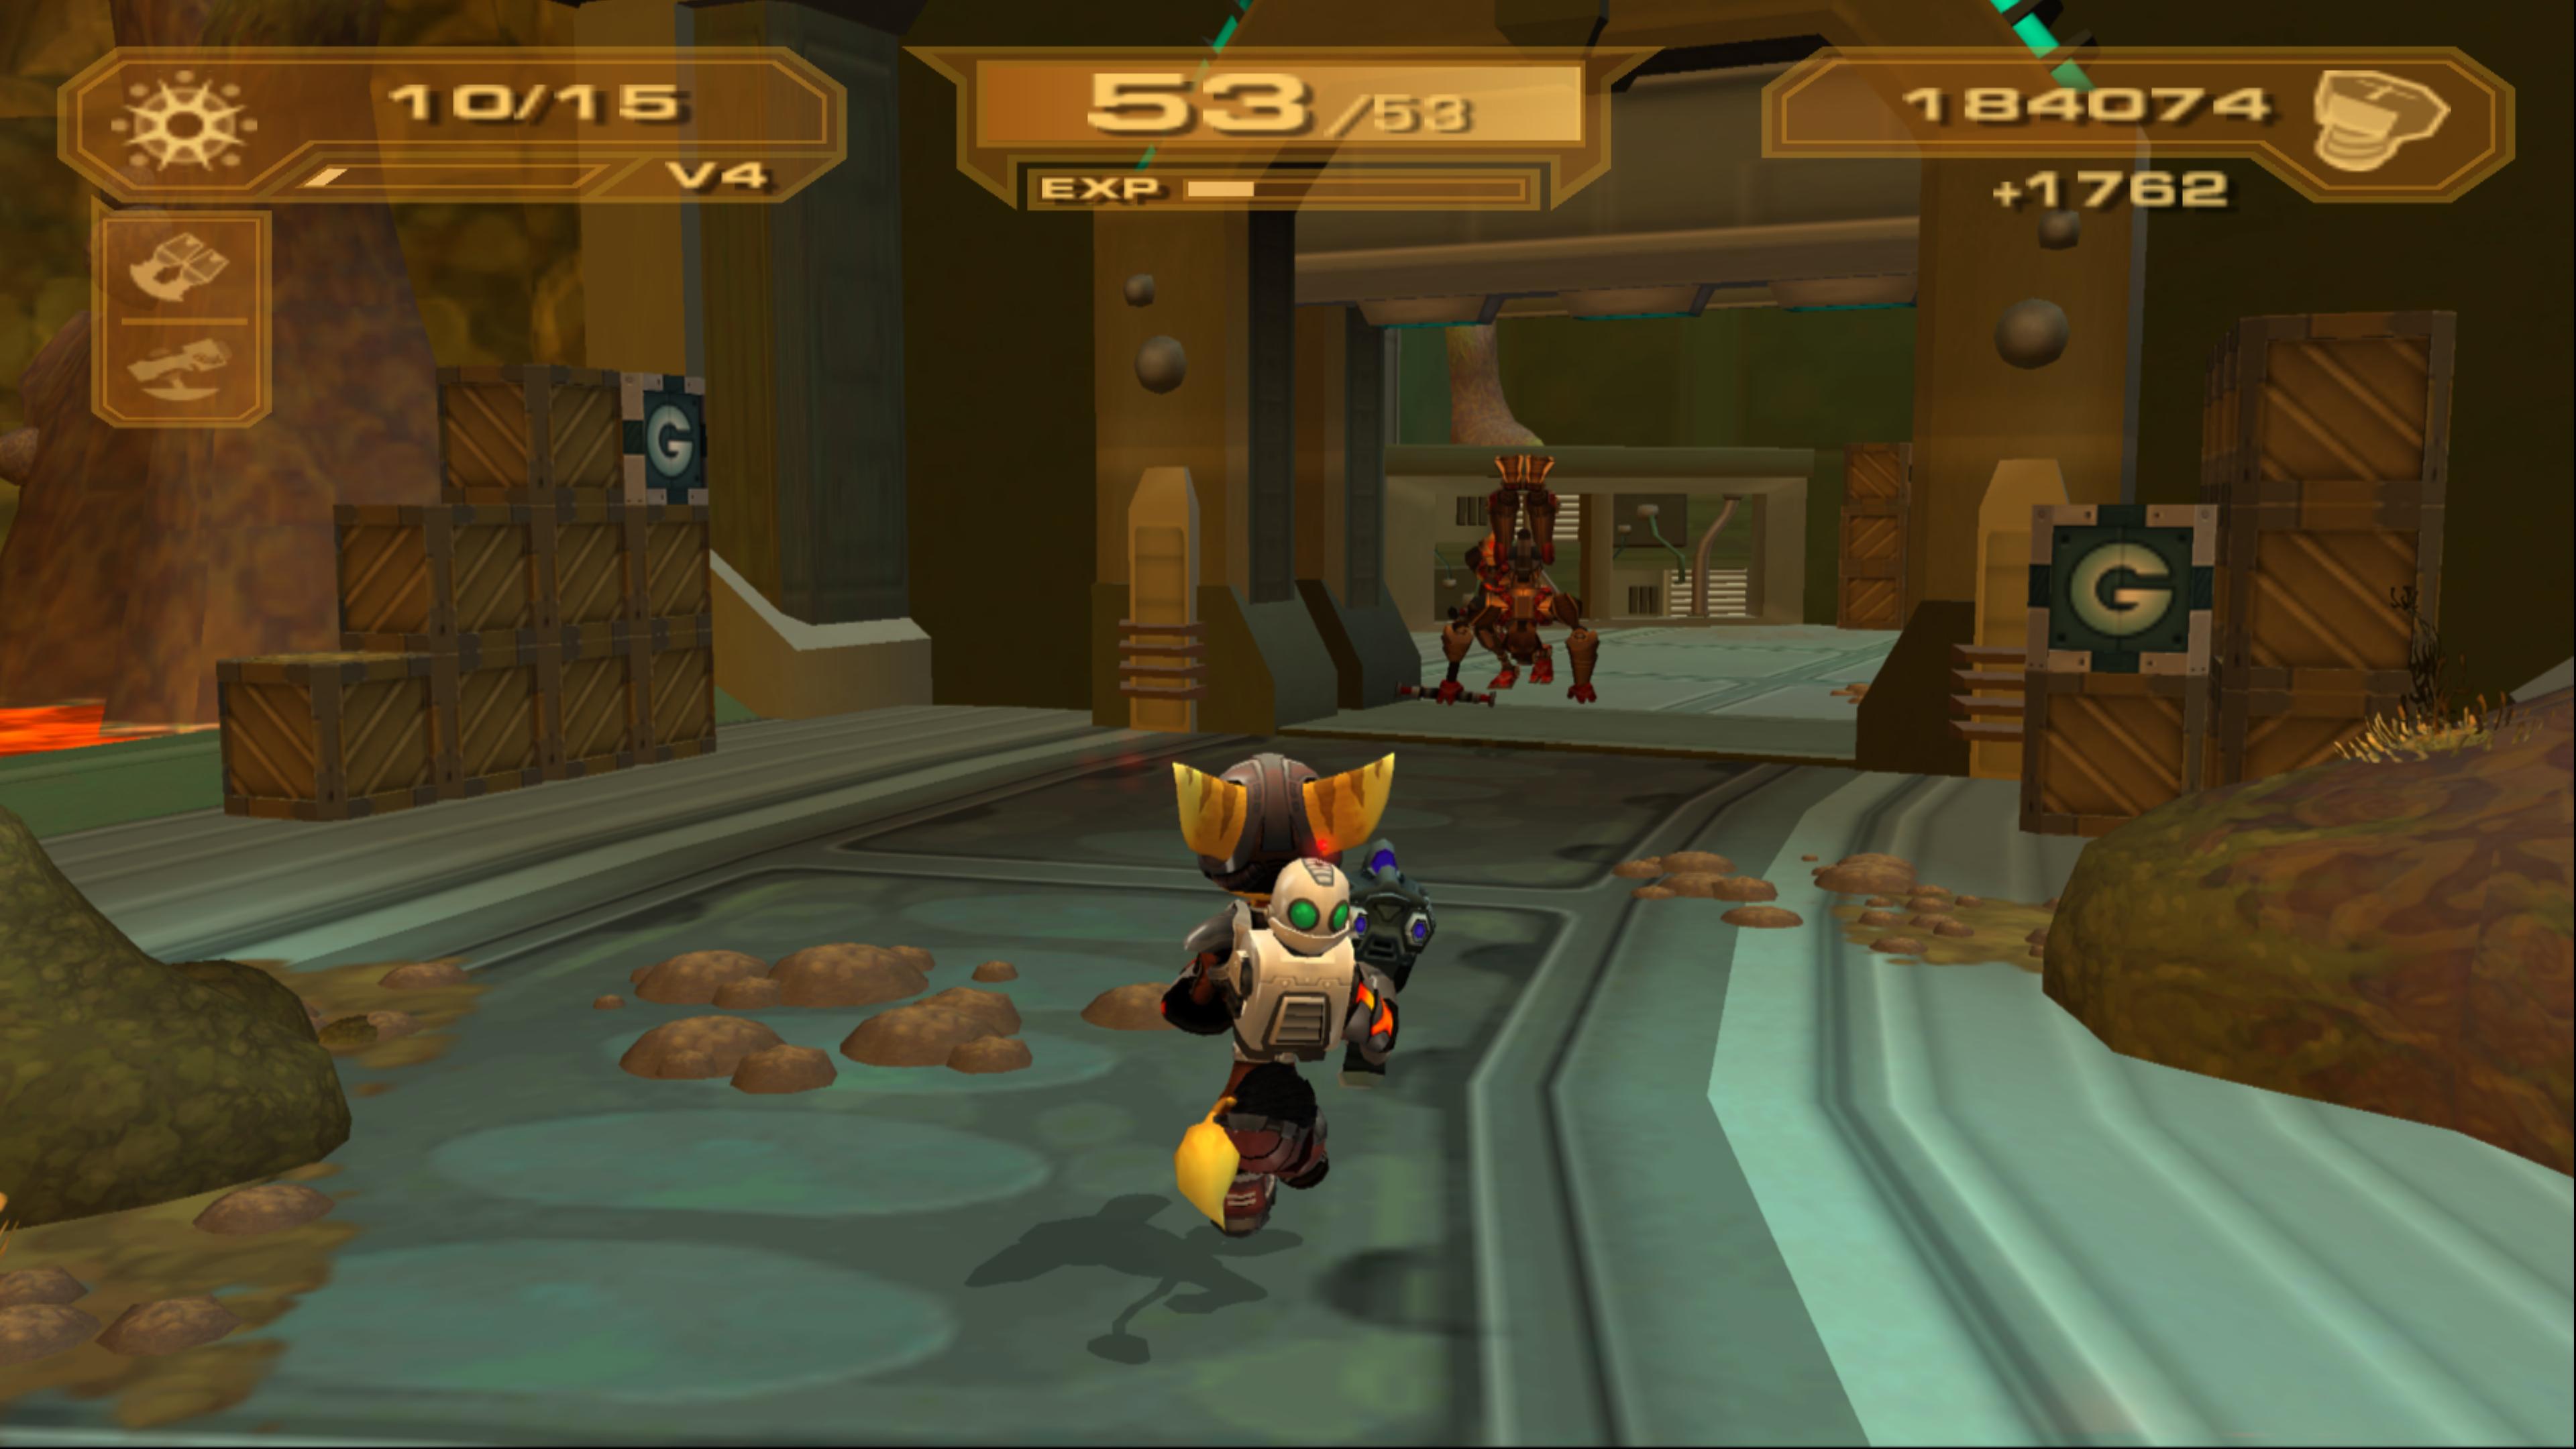 Rendezvous with Qwark